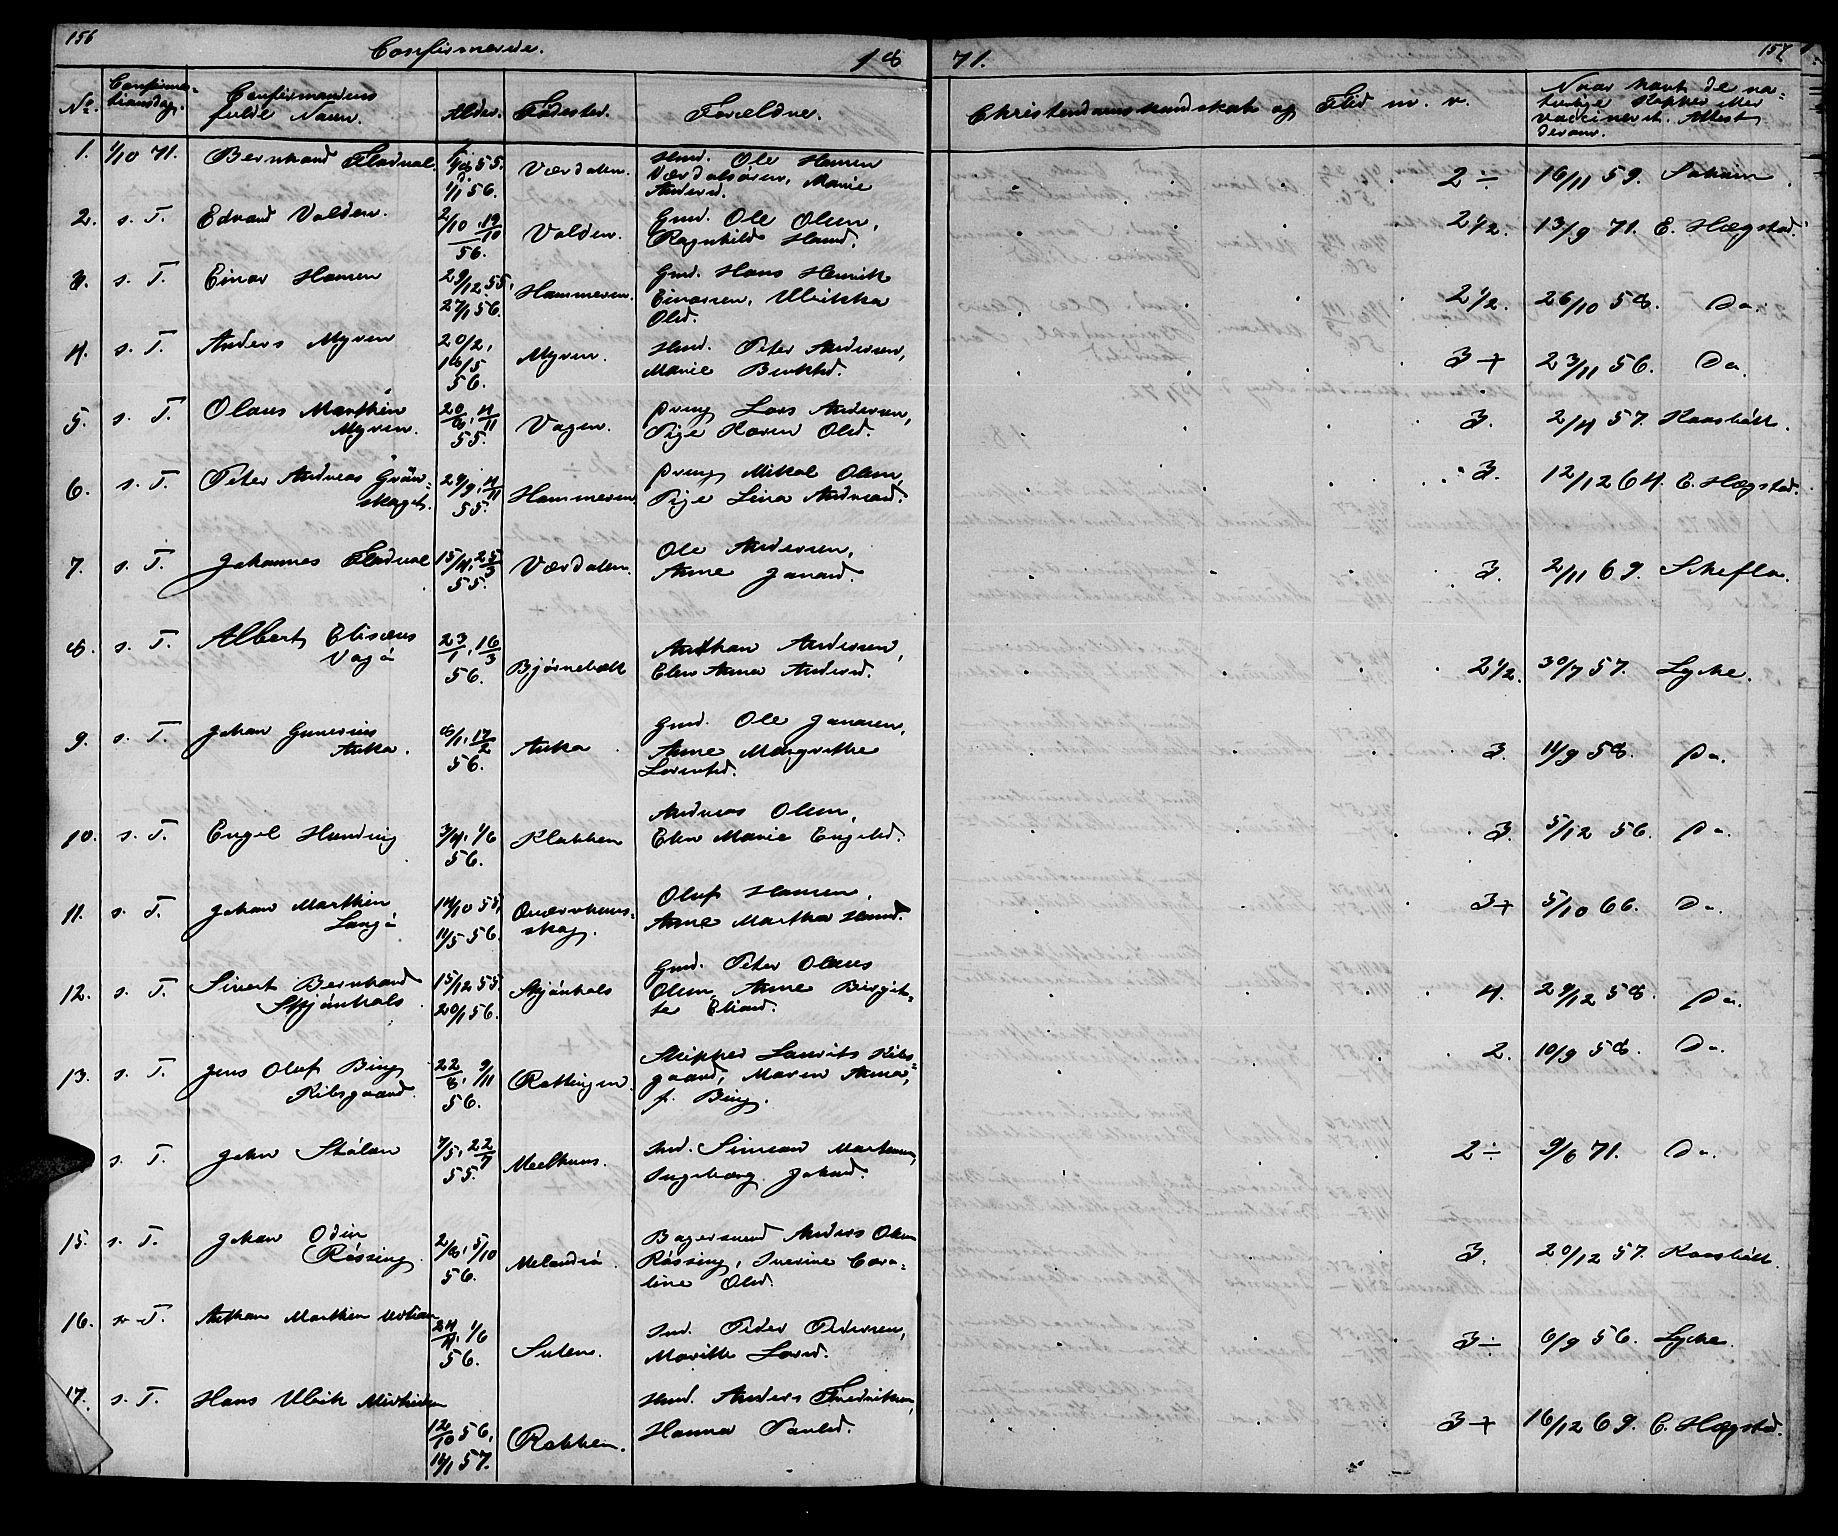 SAT, Ministerialprotokoller, klokkerbøker og fødselsregistre - Sør-Trøndelag, 640/L0583: Klokkerbok nr. 640C01, 1866-1877, s. 156-157